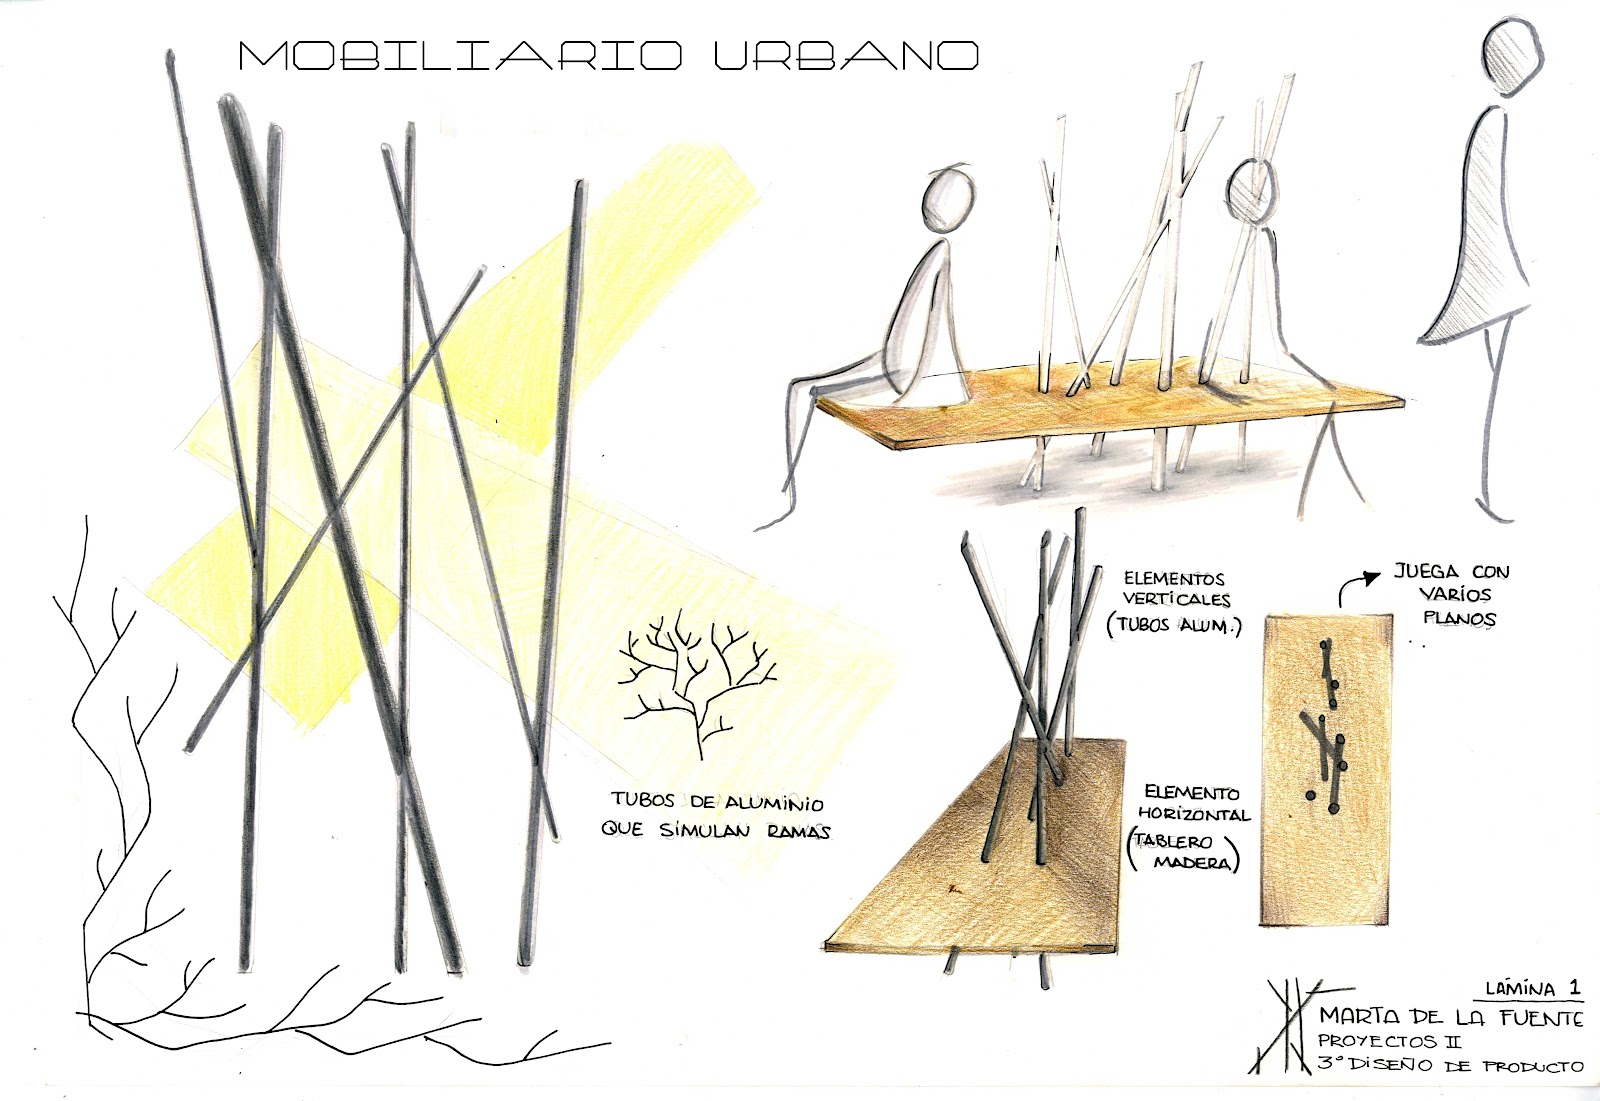 Marta de la fuente rinc n dise o bocetos generales del for Ejemplos de mobiliario urbano